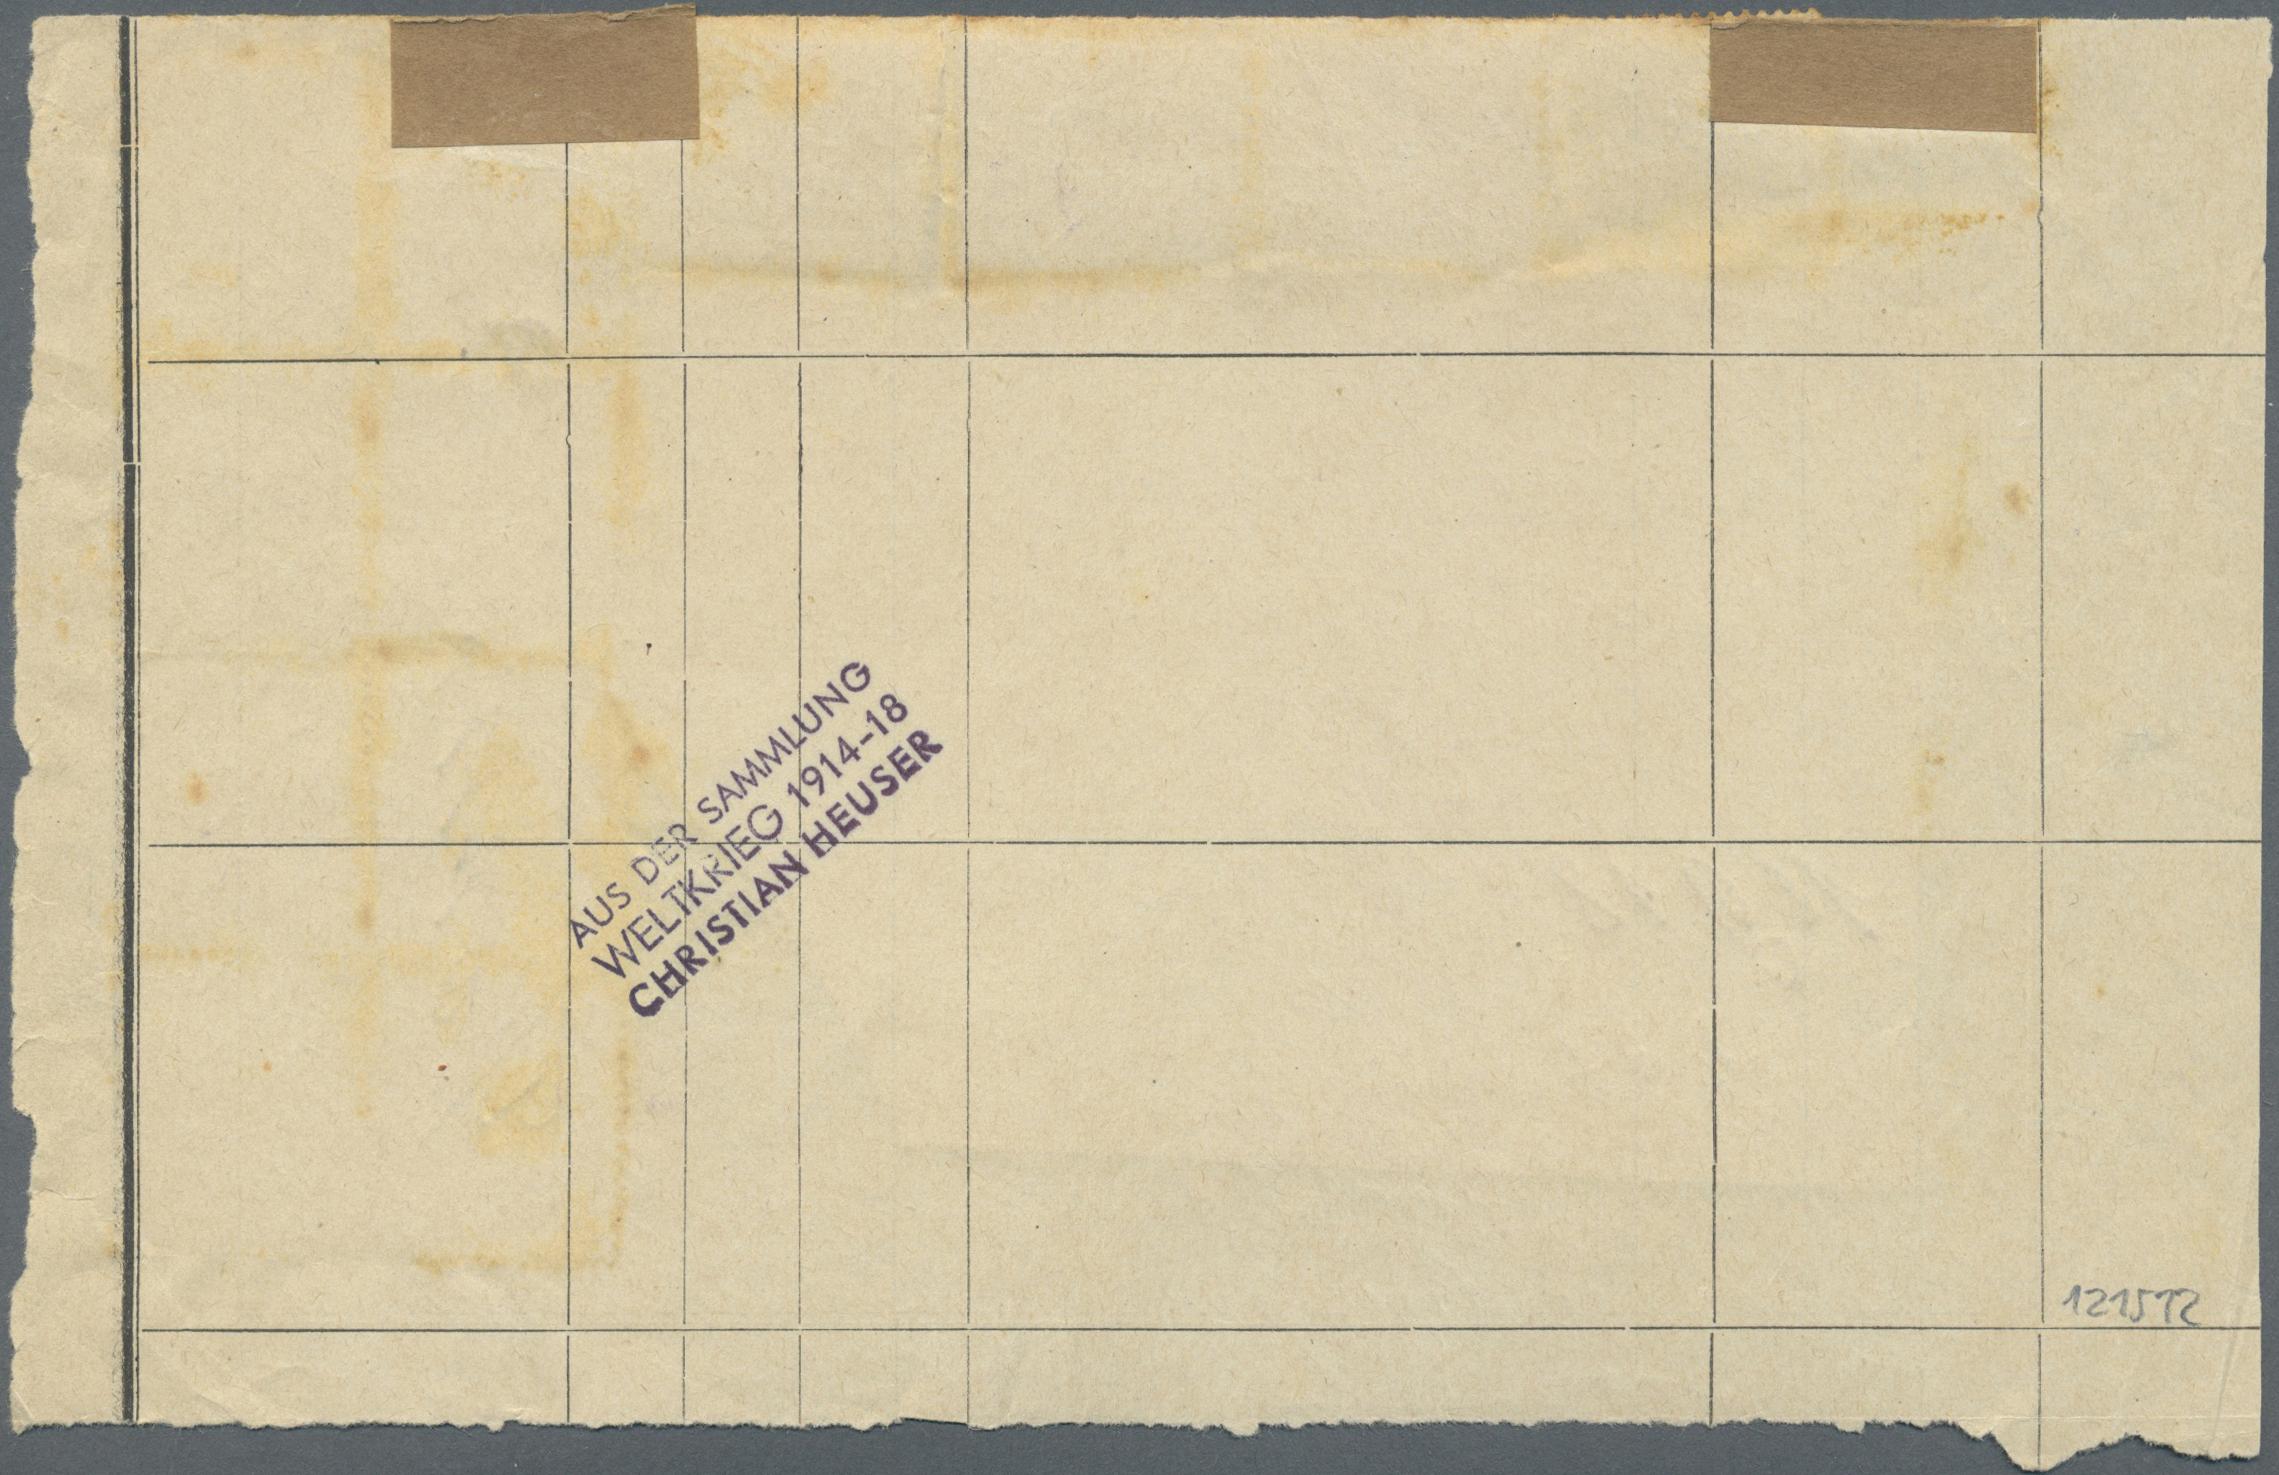 Lot 11521 - Deutsche Besetzung I. WK: Postgebiet Ober. Ost  -  Auktionshaus Christoph Gärtner GmbH & Co. KG Sale #48 The Single Lots Philatelie